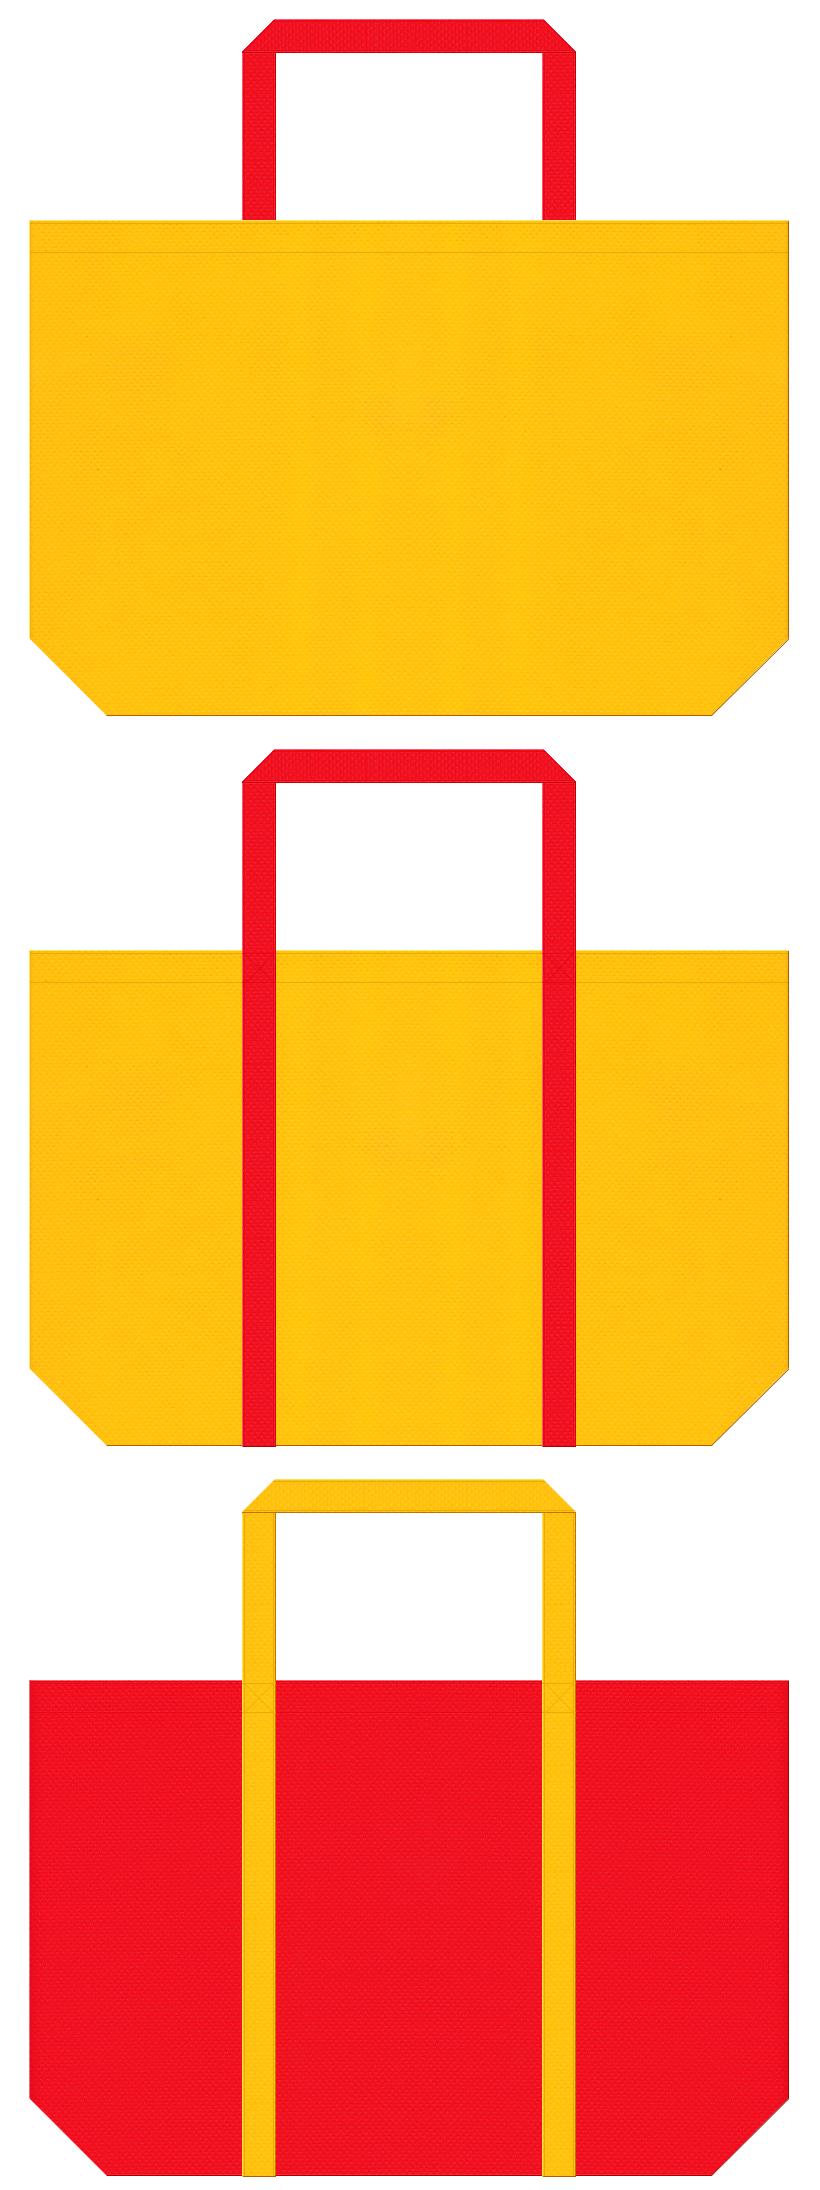 琉球舞踊・アフリカ・カーニバル・サンバ・ピエロ・サーカス・ゲーム・パズル・おもちゃ・テーマパーク・節分・赤鬼・通園バッグ・キッズイベントにお奨めの不織布バッグデザイン:黄色と赤色のコーデ